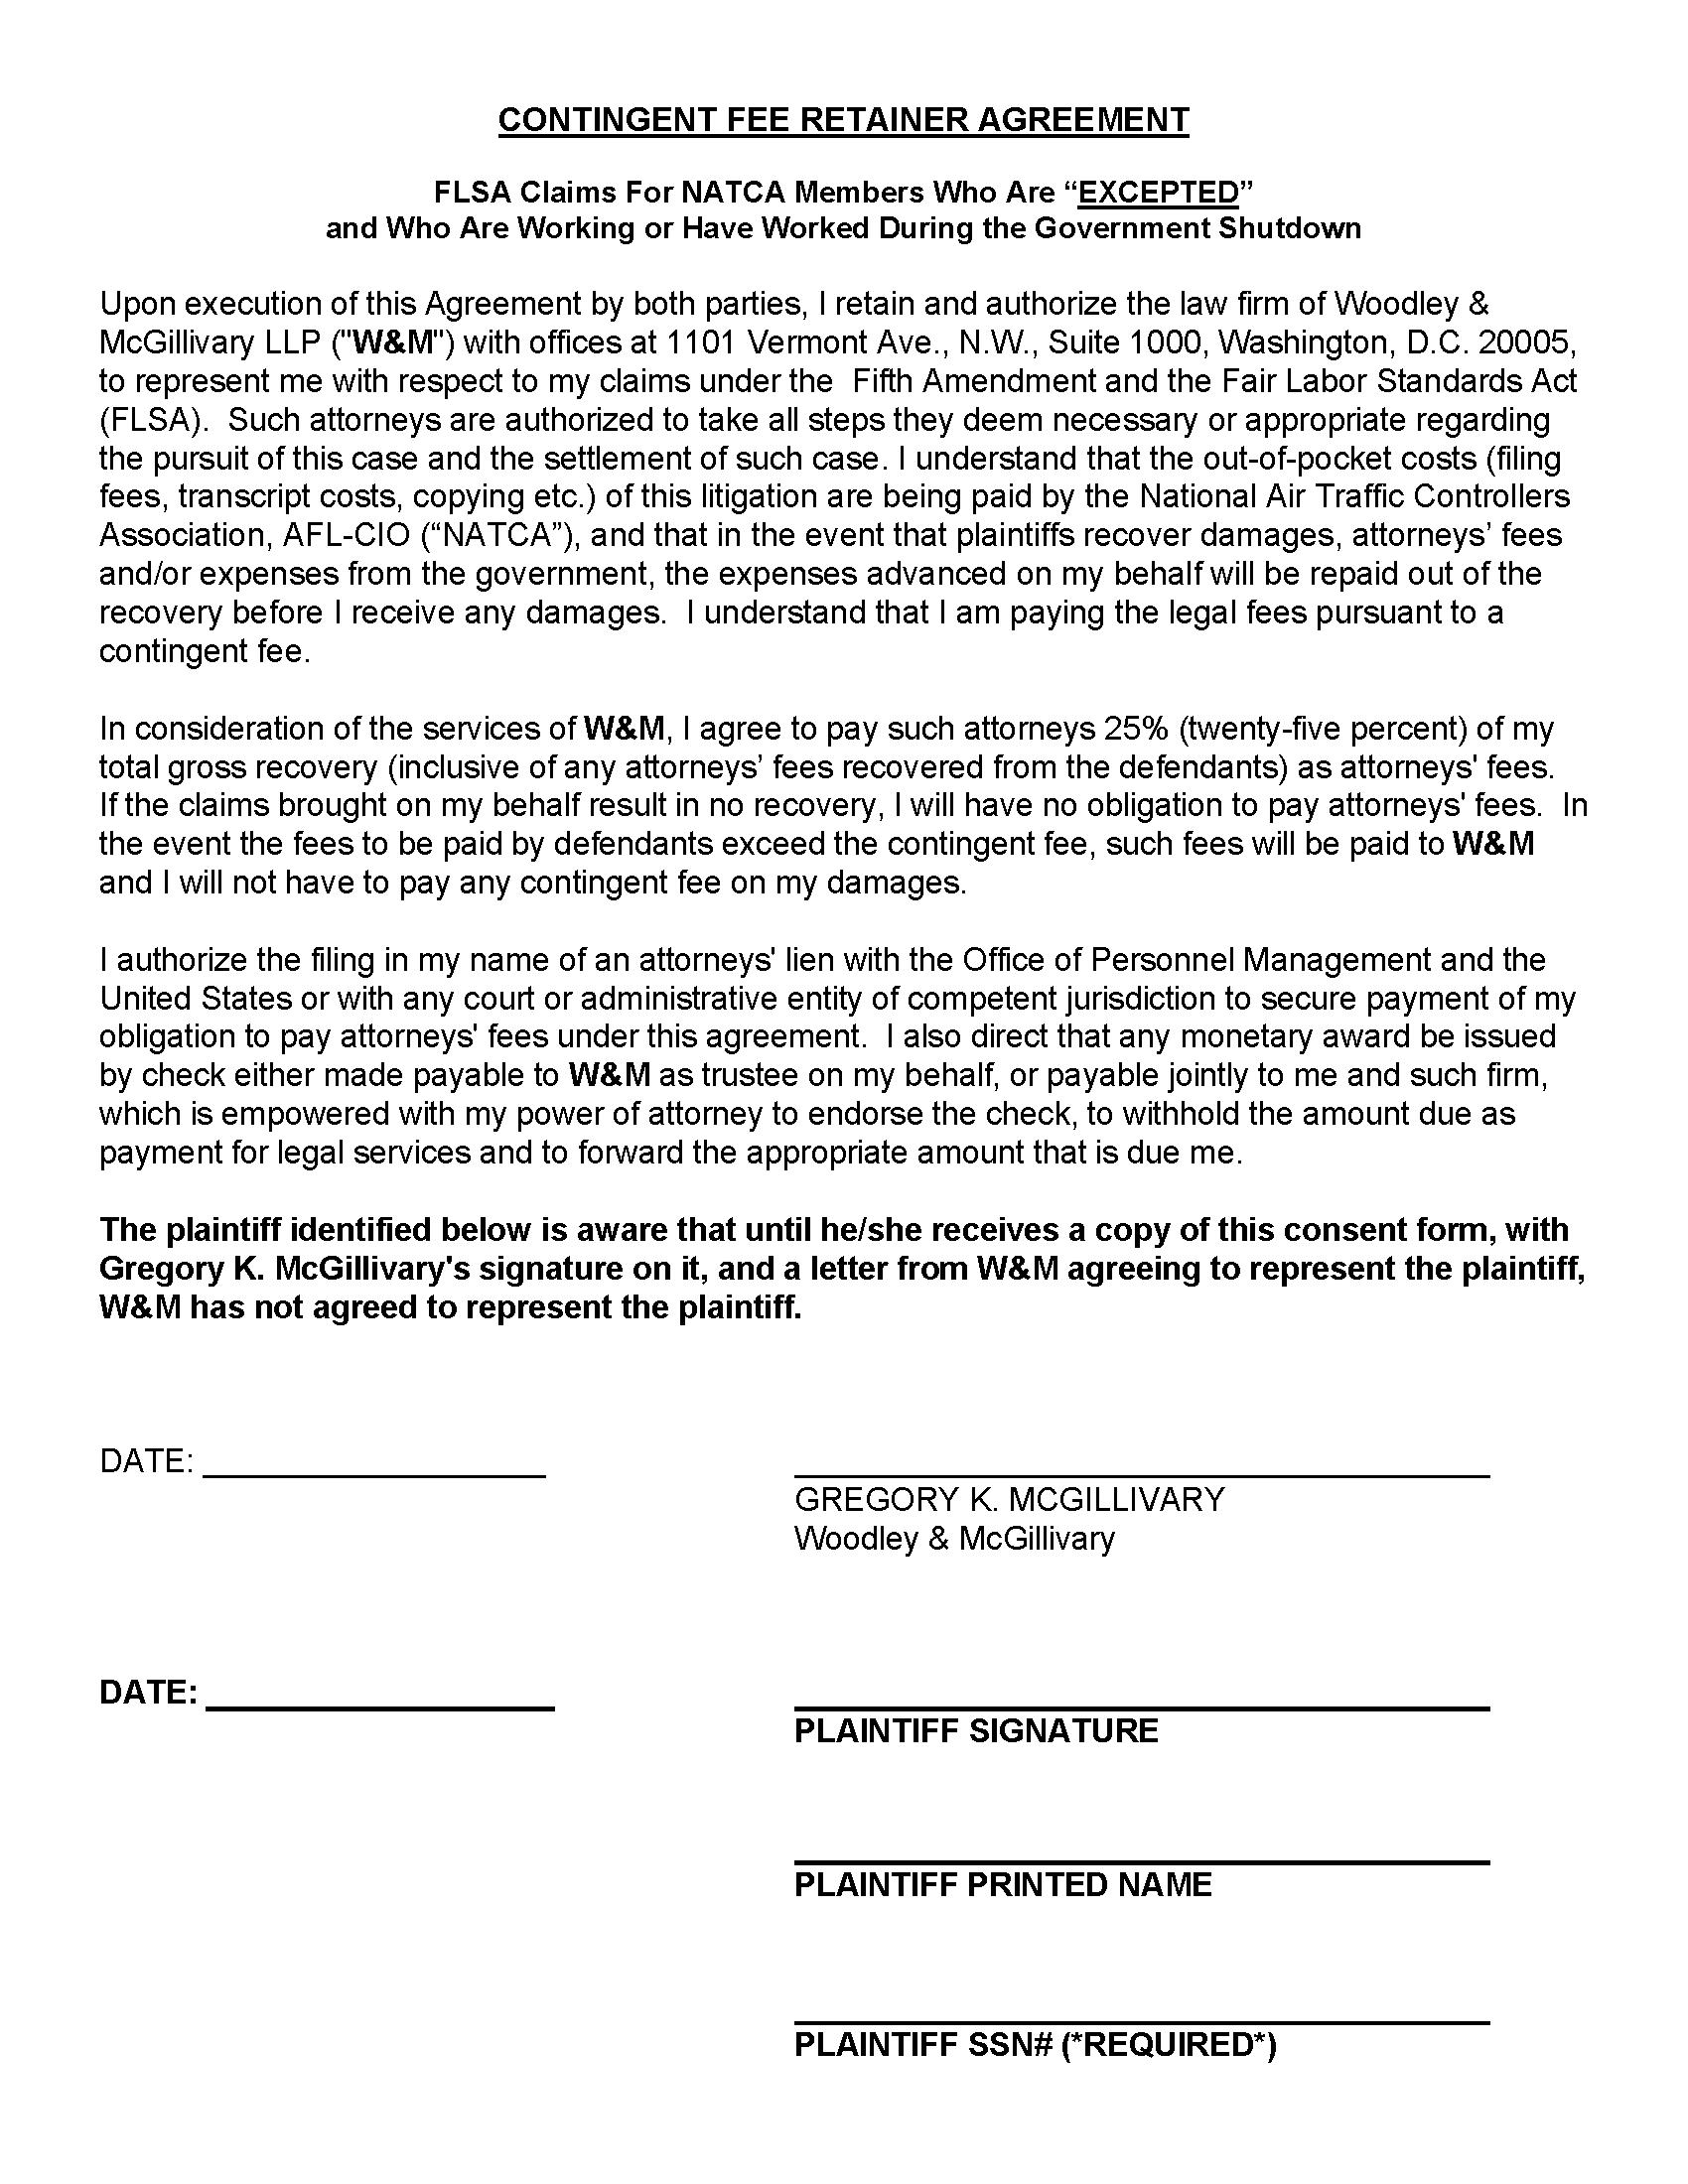 56659 NATCA Government Shutdown Consent Signoff1 Page 2